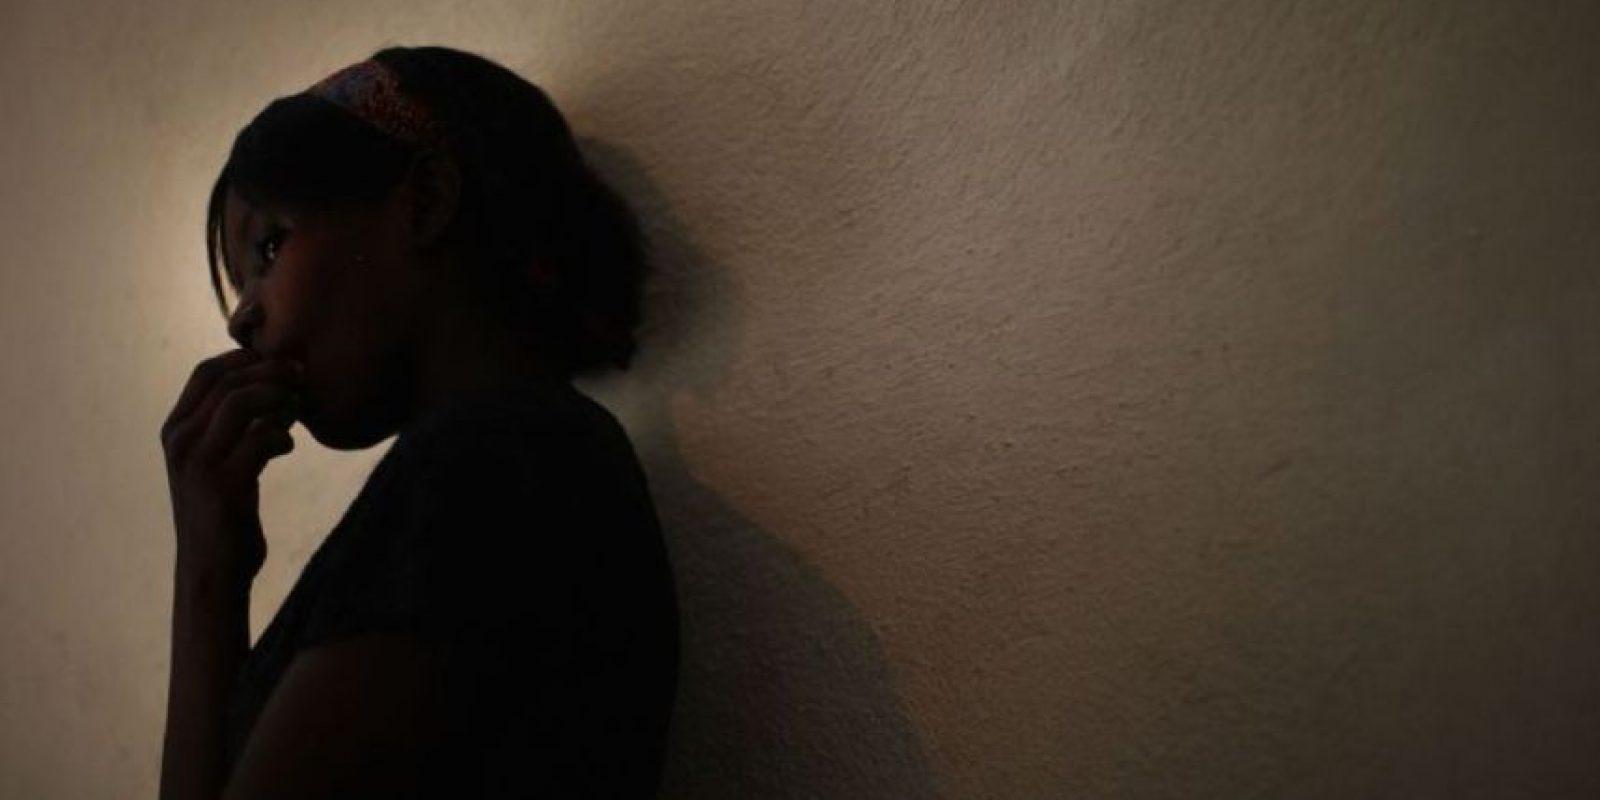 Según datos de la Organización para las Naciones Unidas, en el mundo cada año se registran aproximadamente 65 mil feminicidios. Foto:vía Getty Images